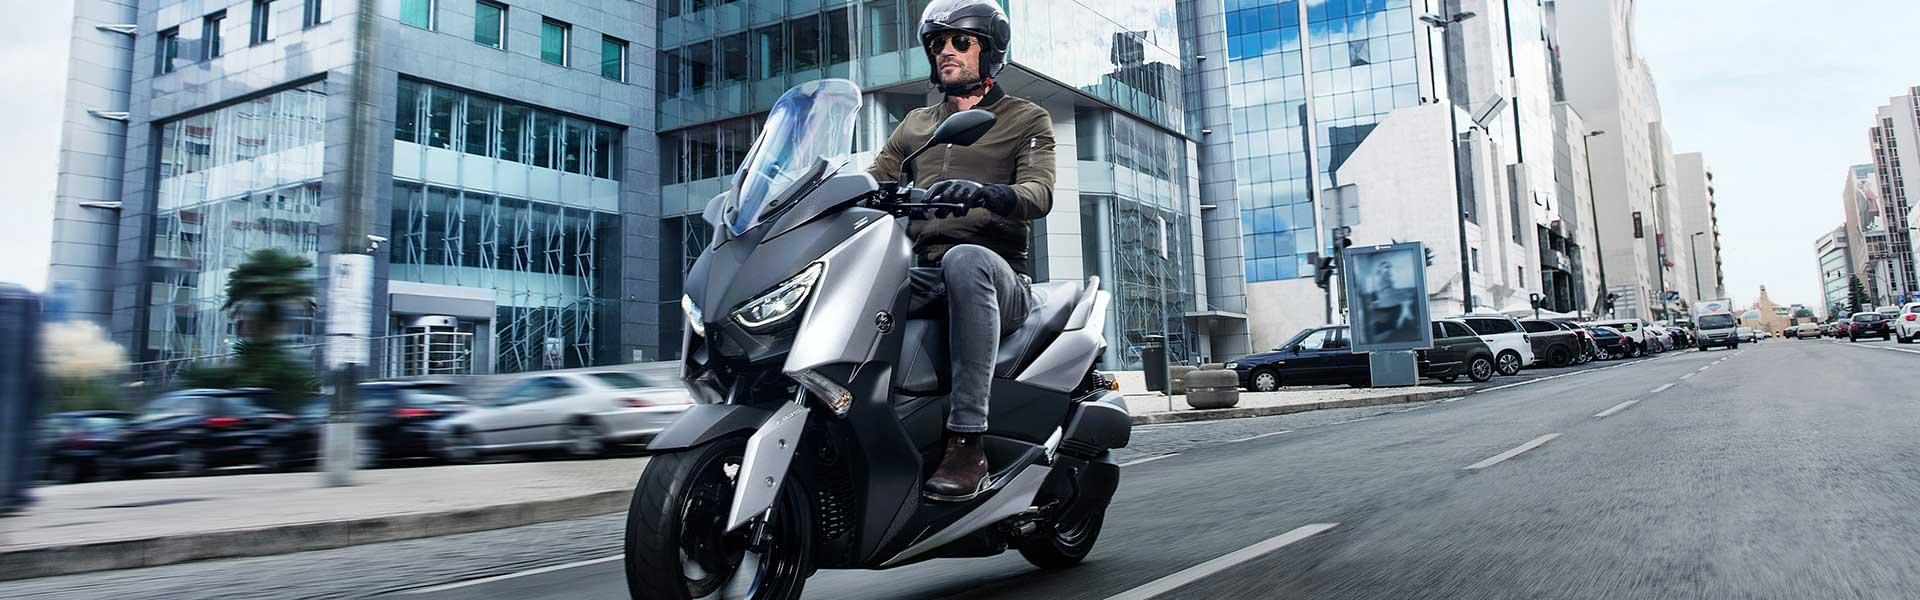 Yamaha Scooters Kempsey